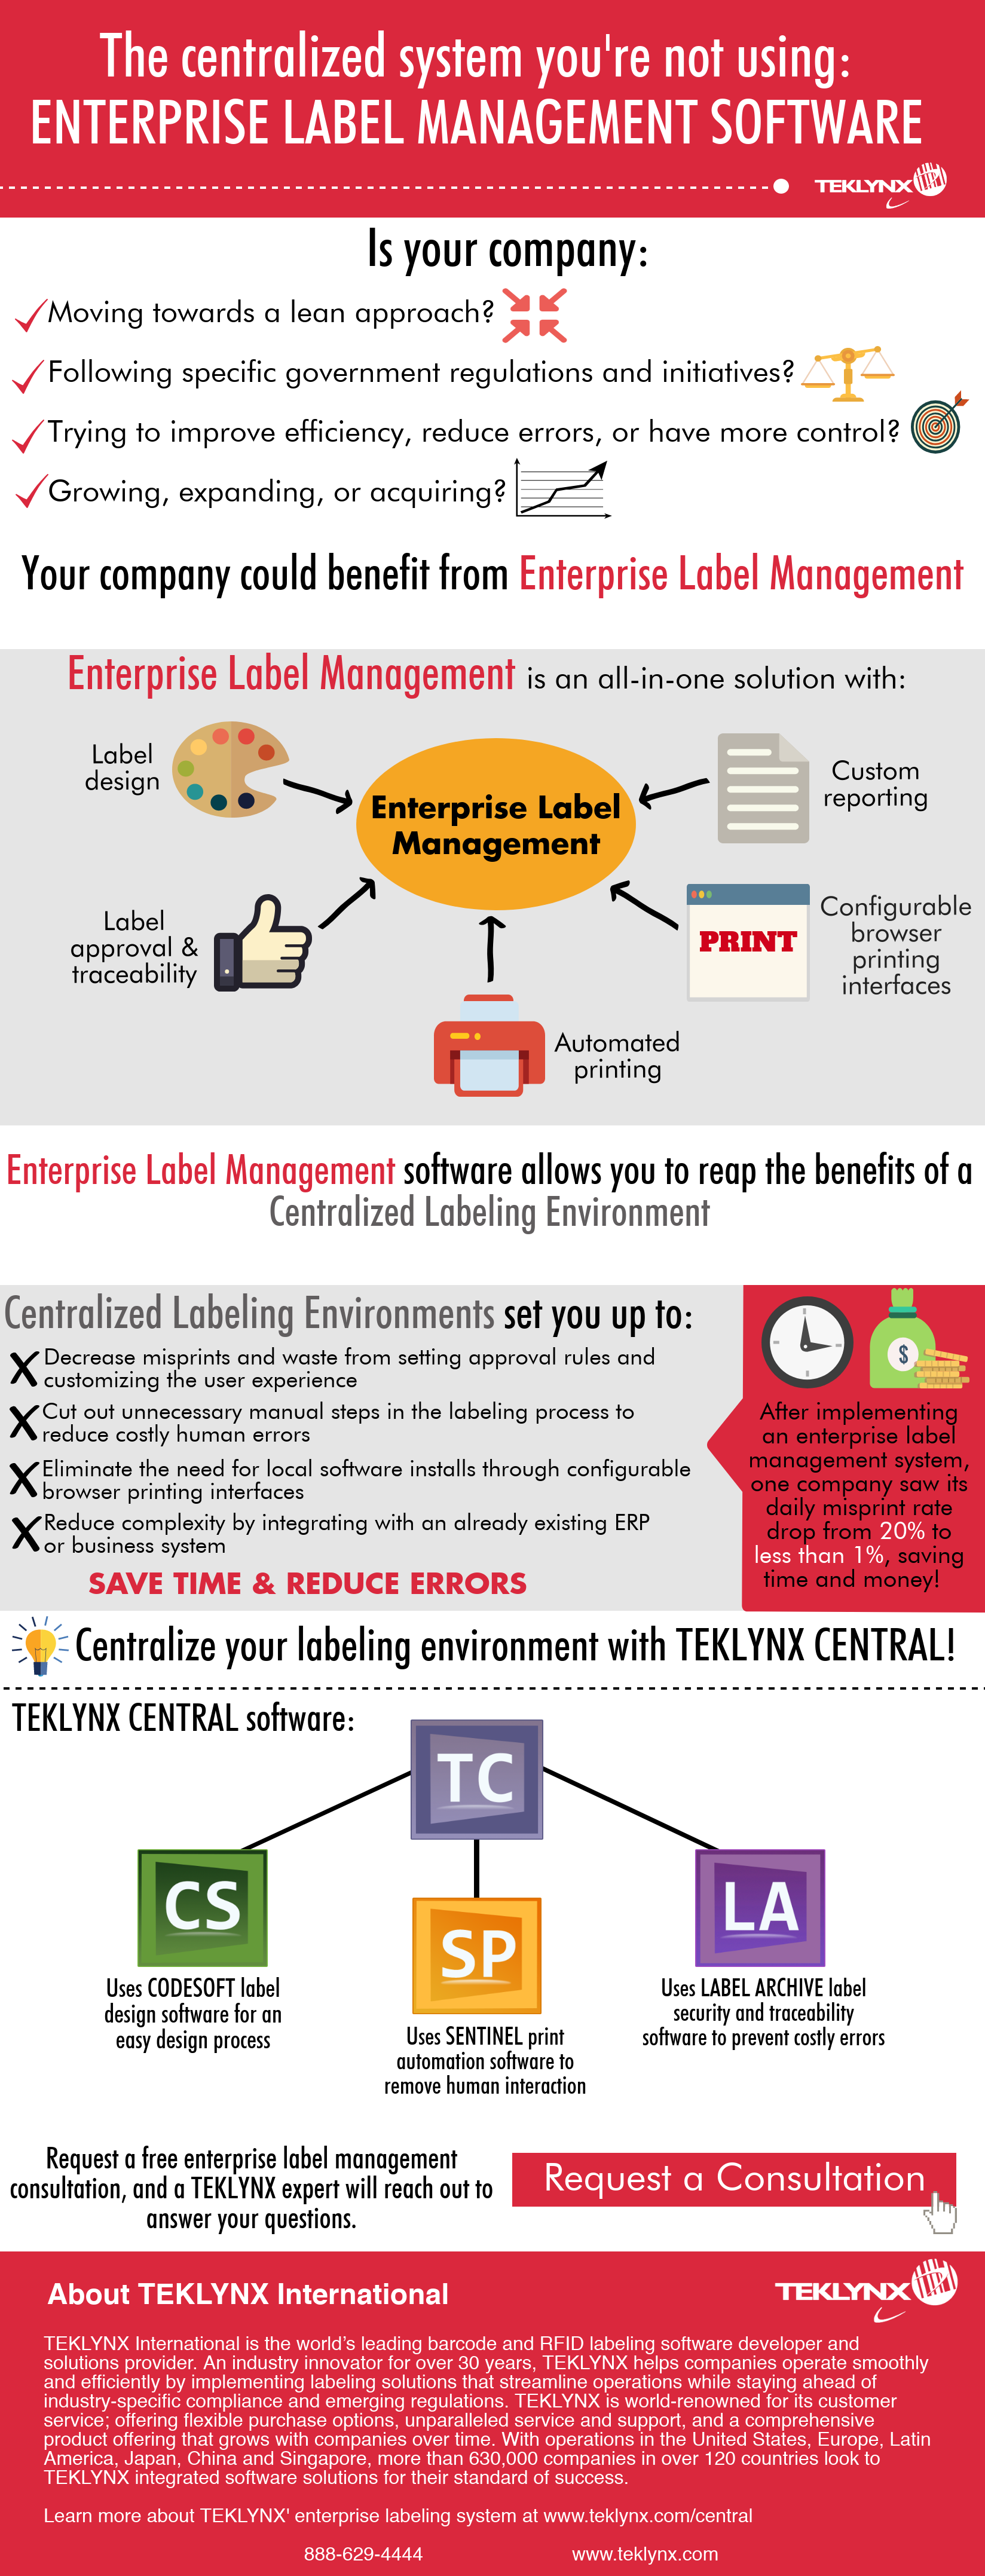 Centralny system, którego nie używasz: oprogramowanie do przemysłowego zarządzania etykietami